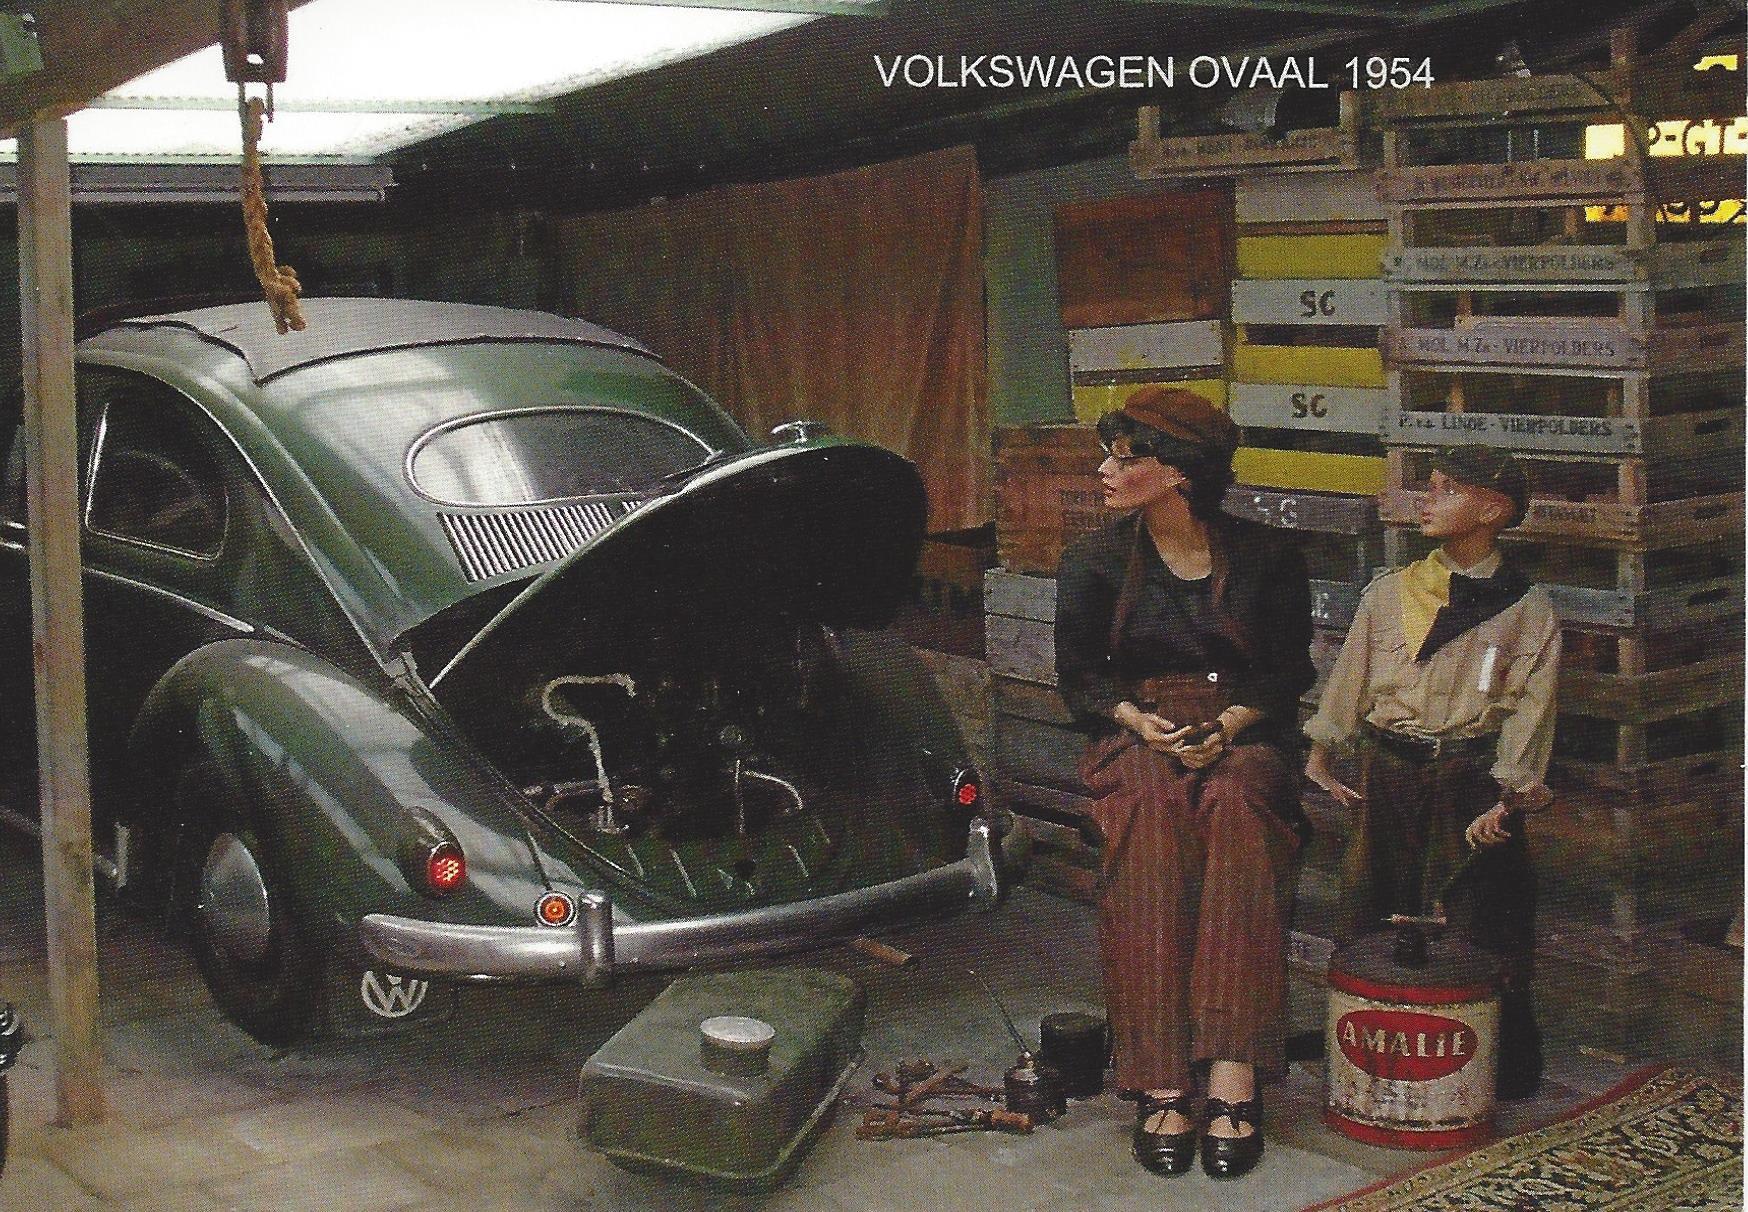 VW OVAAL ANSICHT